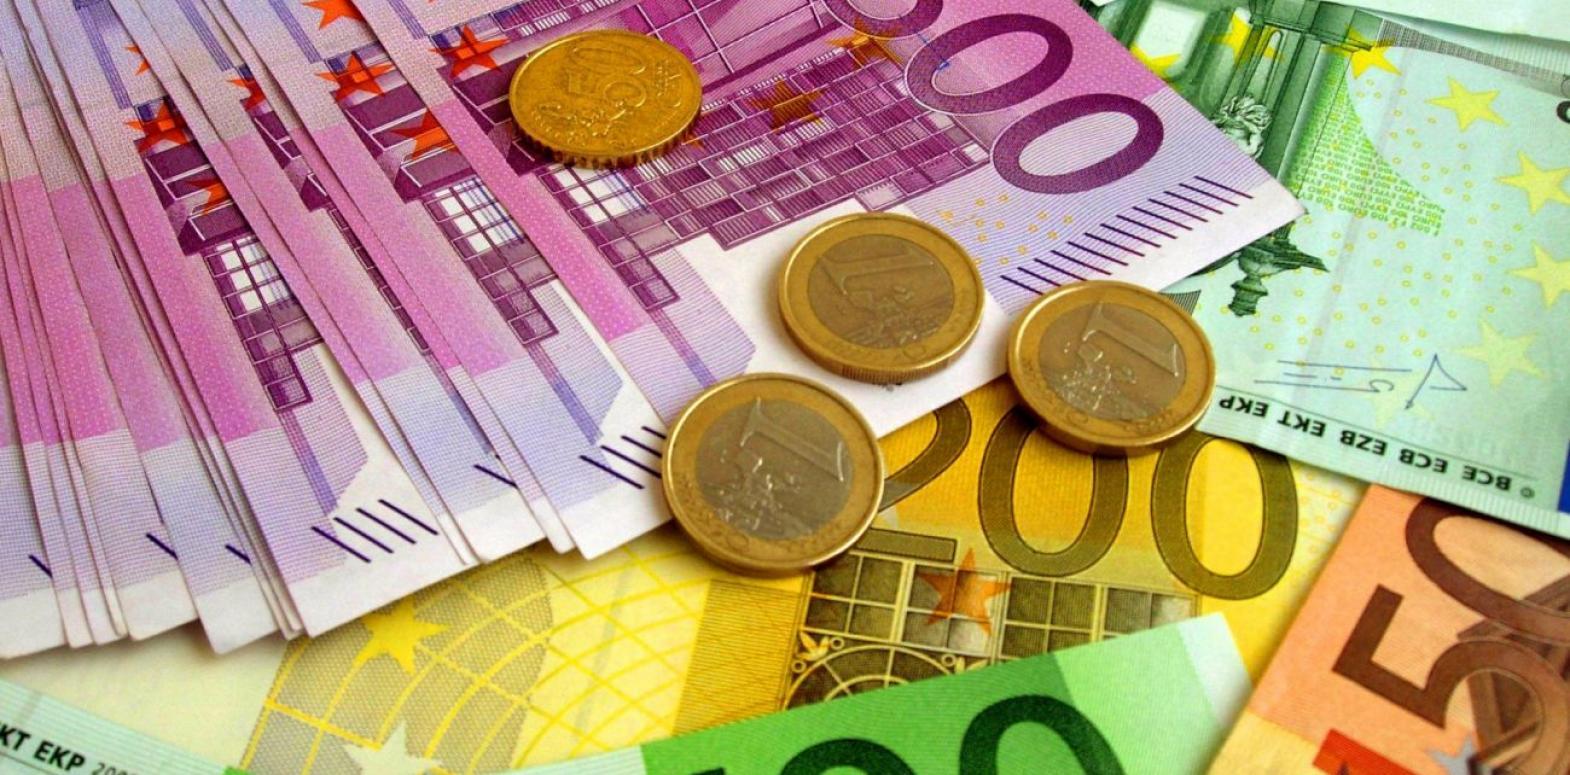 НБУ опустил официальный курс евро до 33 гривен